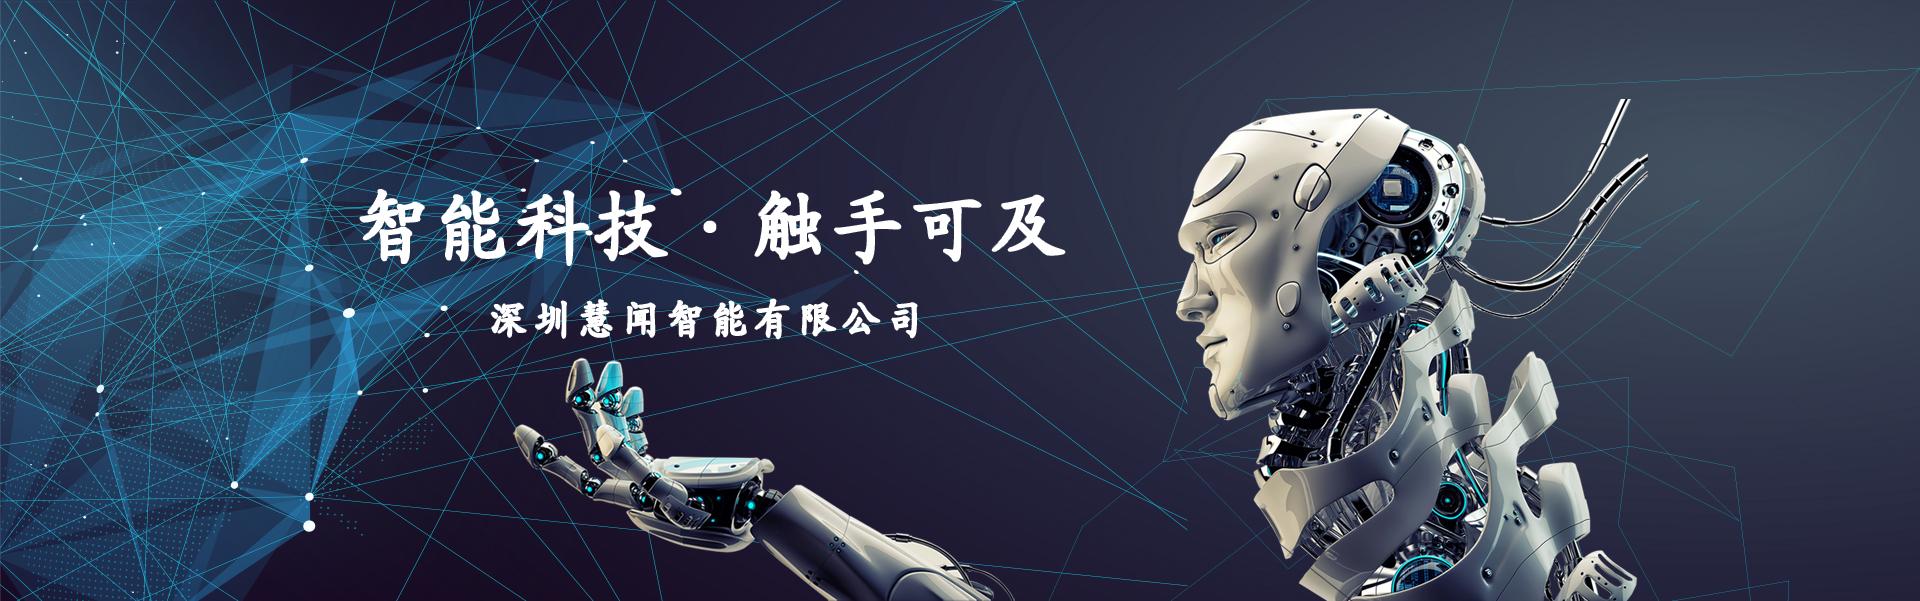 机器人开发